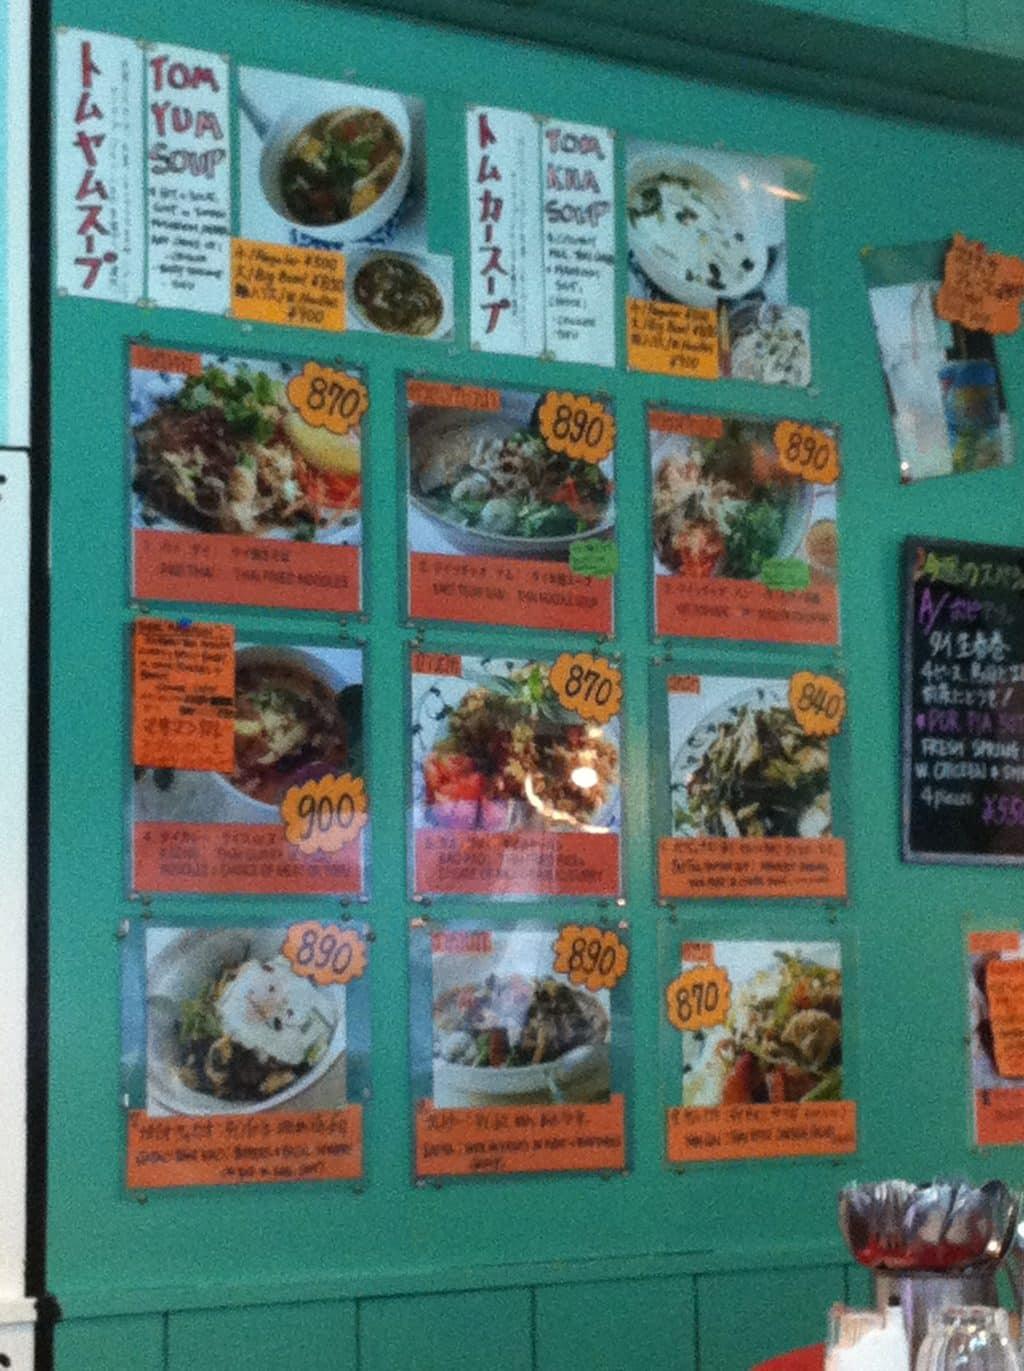 Som Chai Menu on Wall